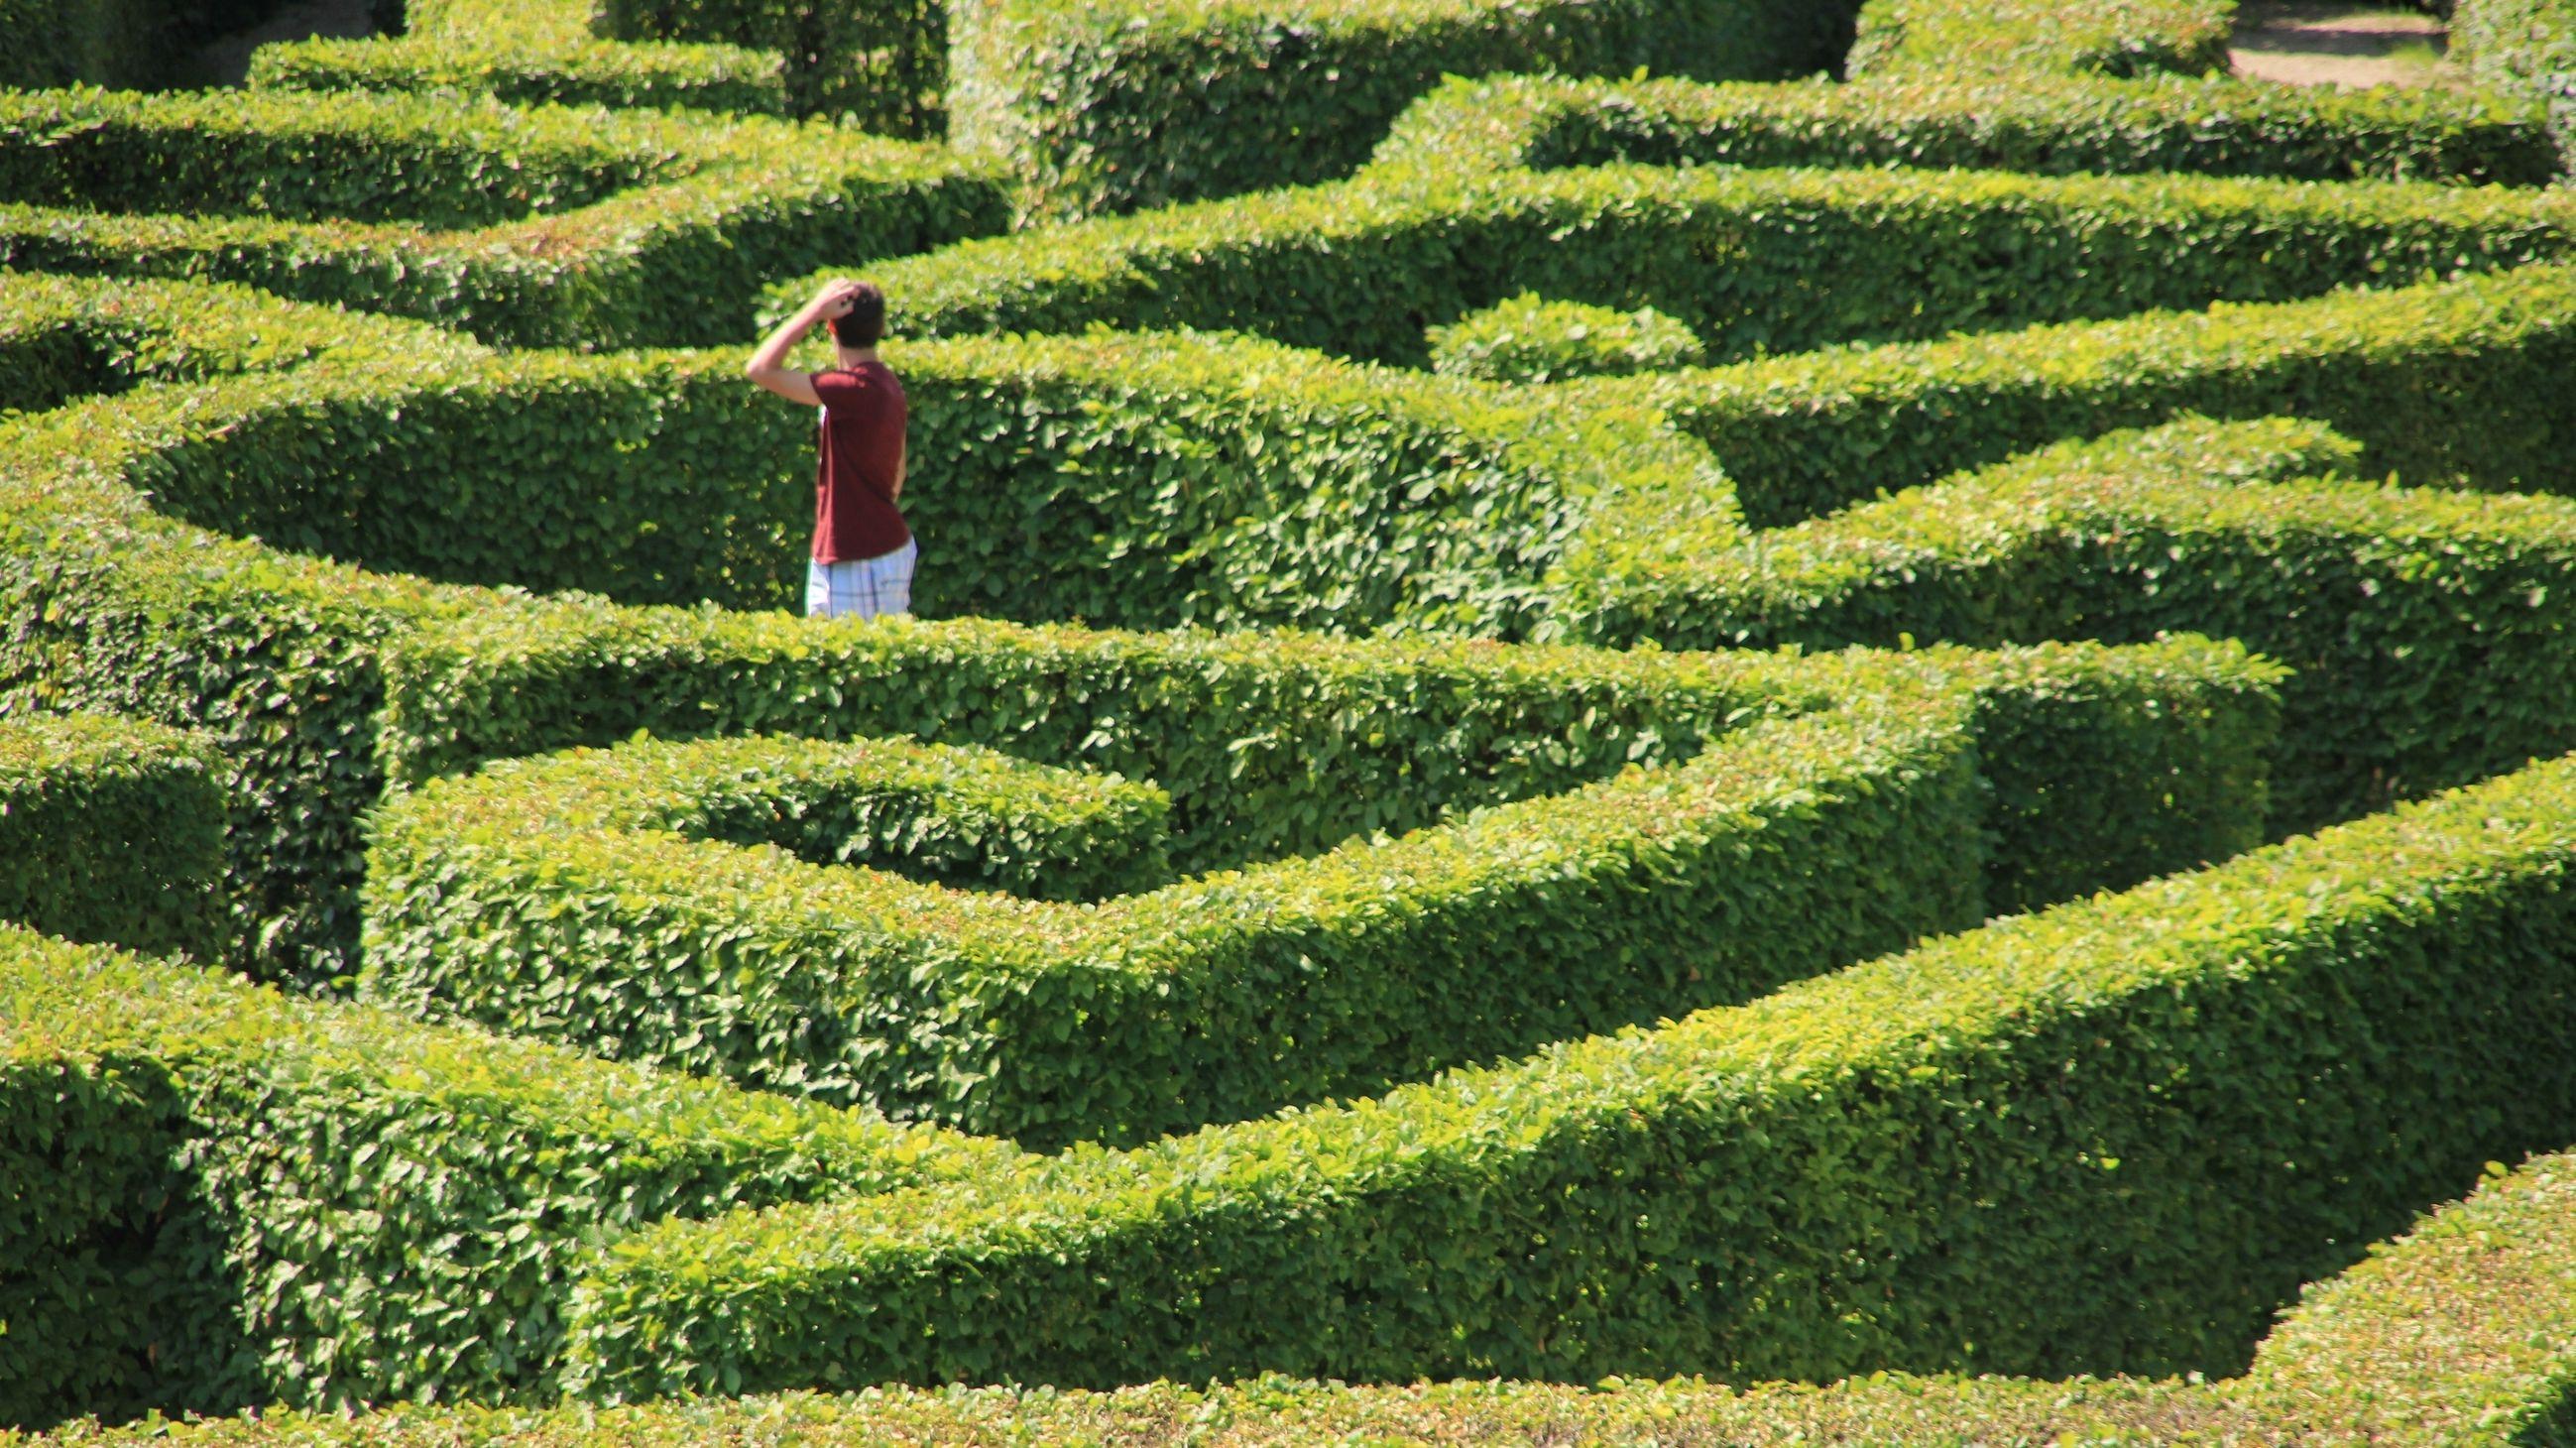 Mann steht in Naturlabyrinth und sucht einen Ausweg.